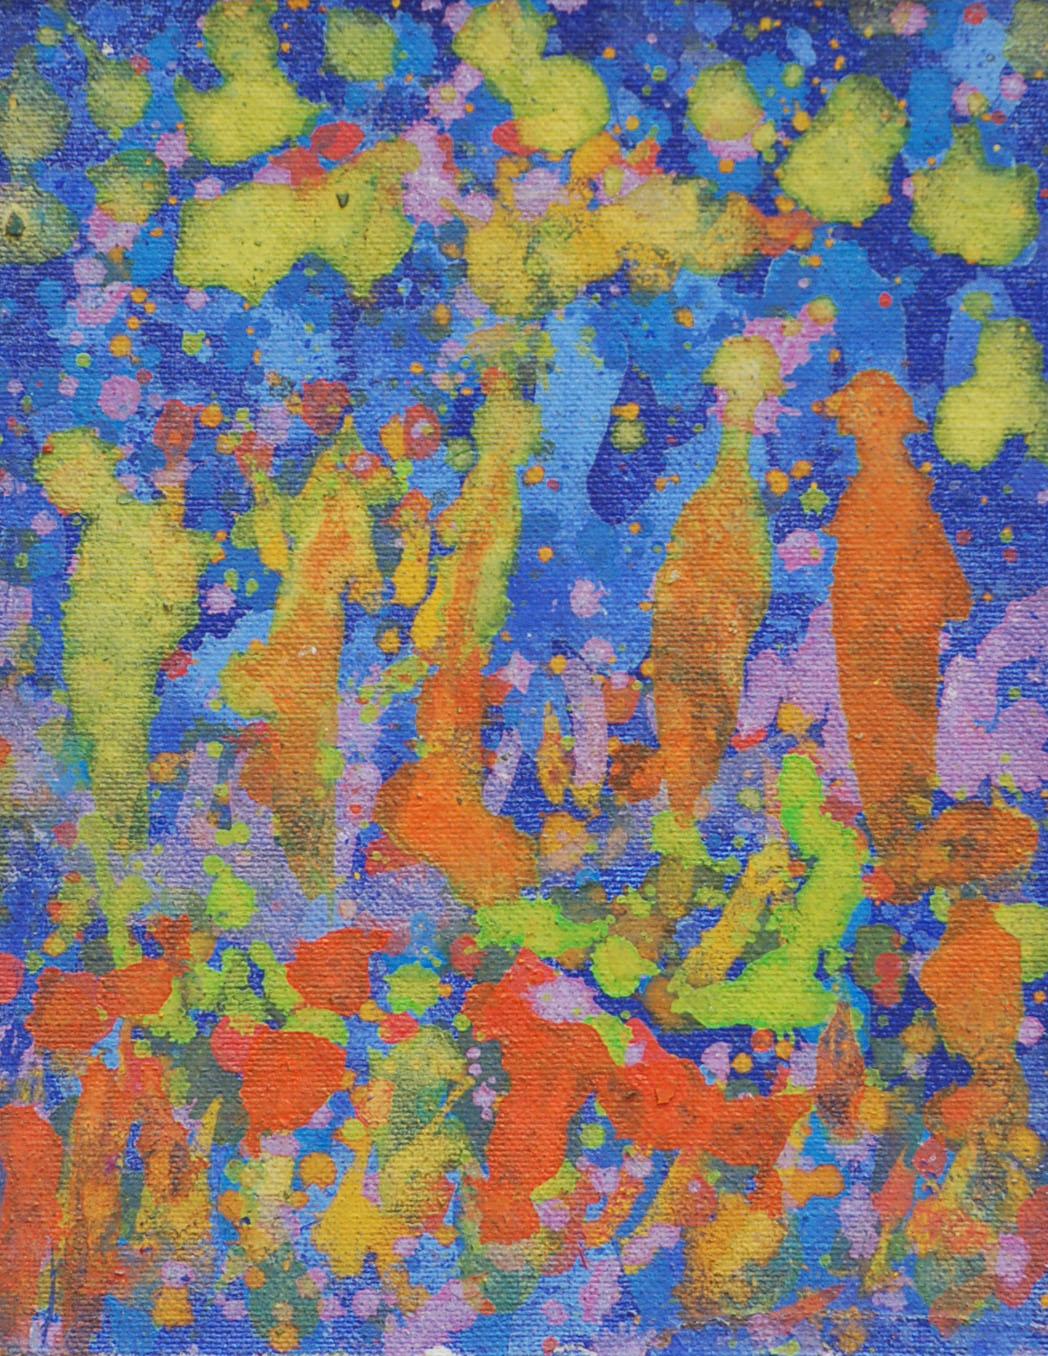 [8.+Jardin+de+azul+14+x+18+cm.jpg]